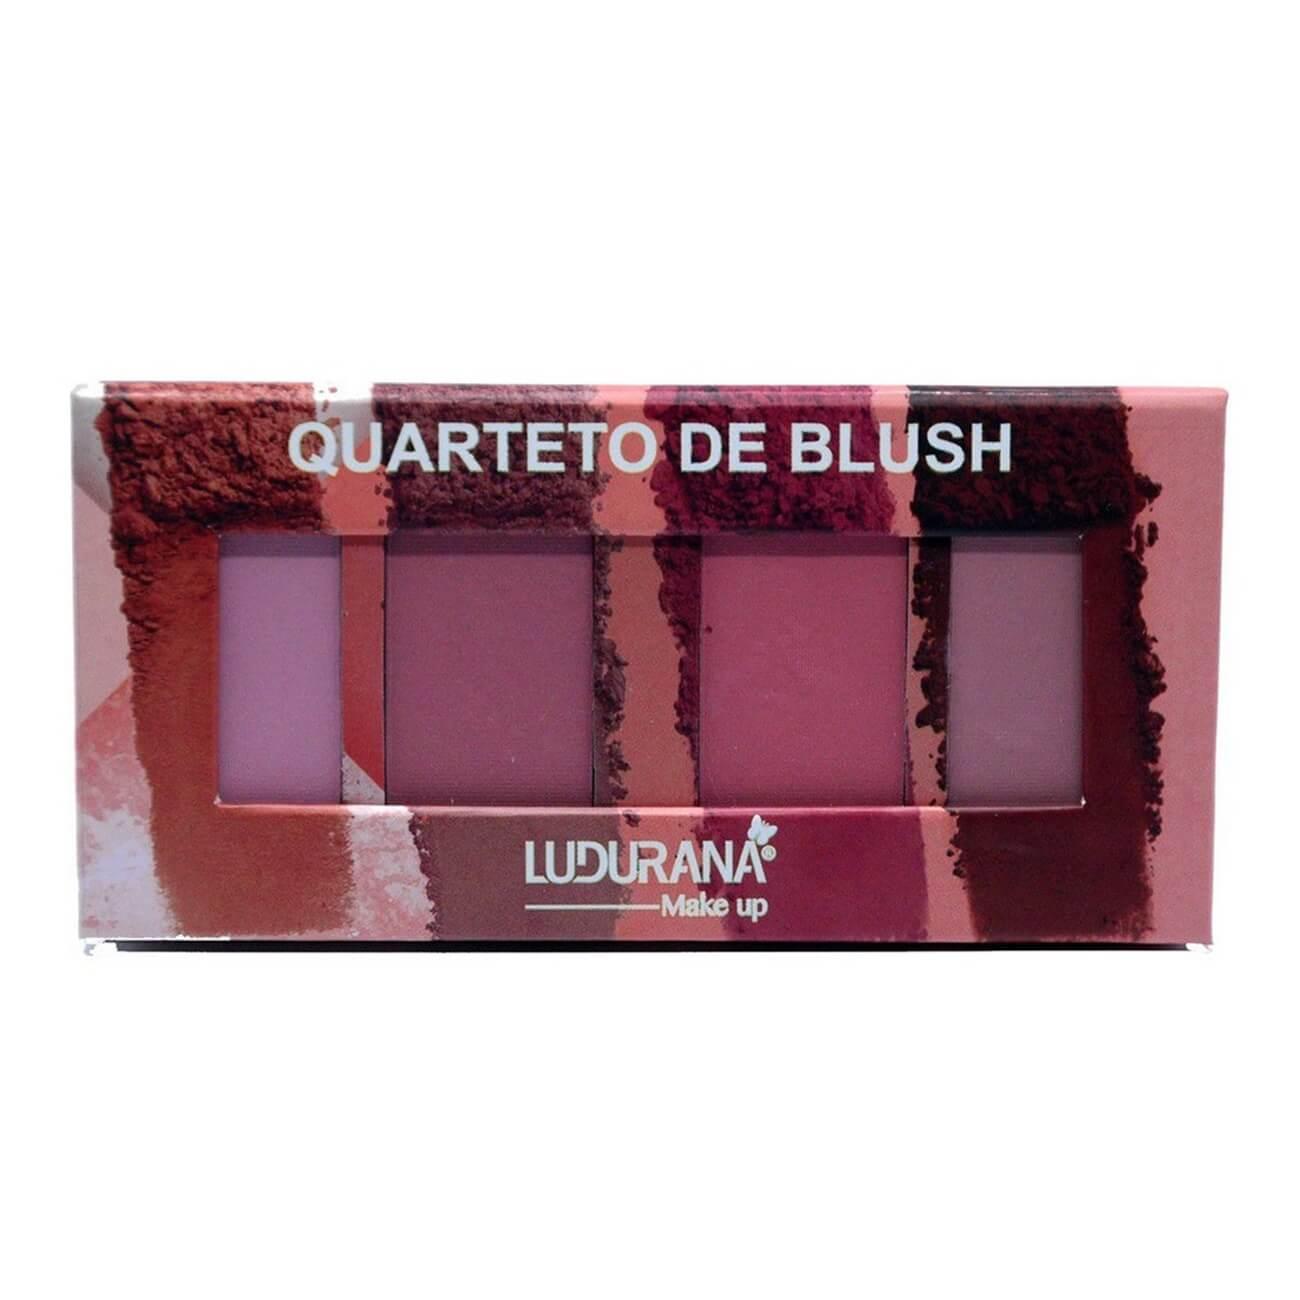 Quarteto de Blush - Ludurana Make up